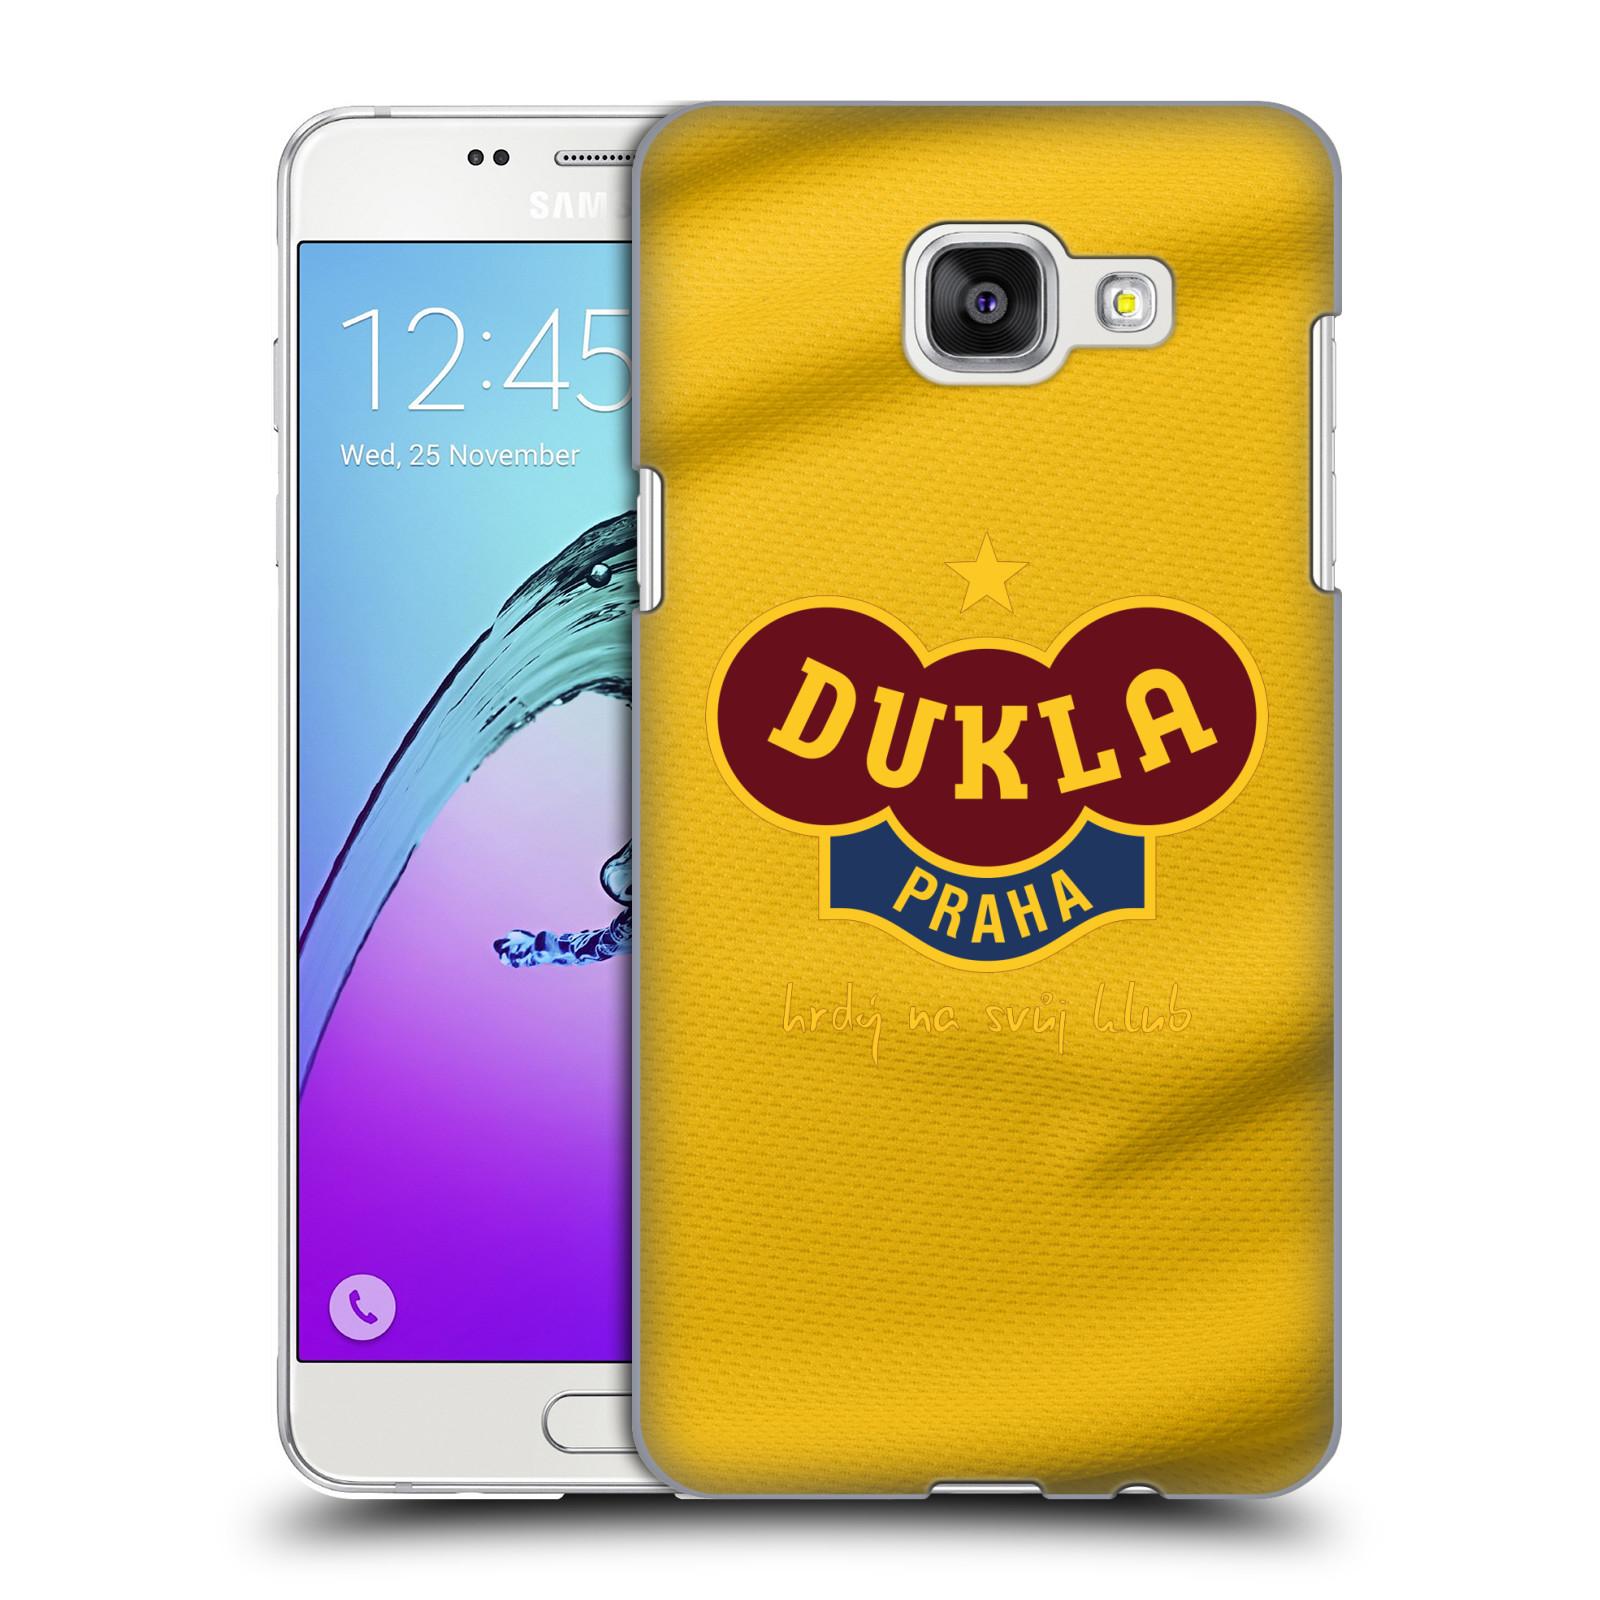 Plastové pouzdro na mobil Samsung Galaxy A5 (2016) - FK Dukla Praha - Žlutý dres